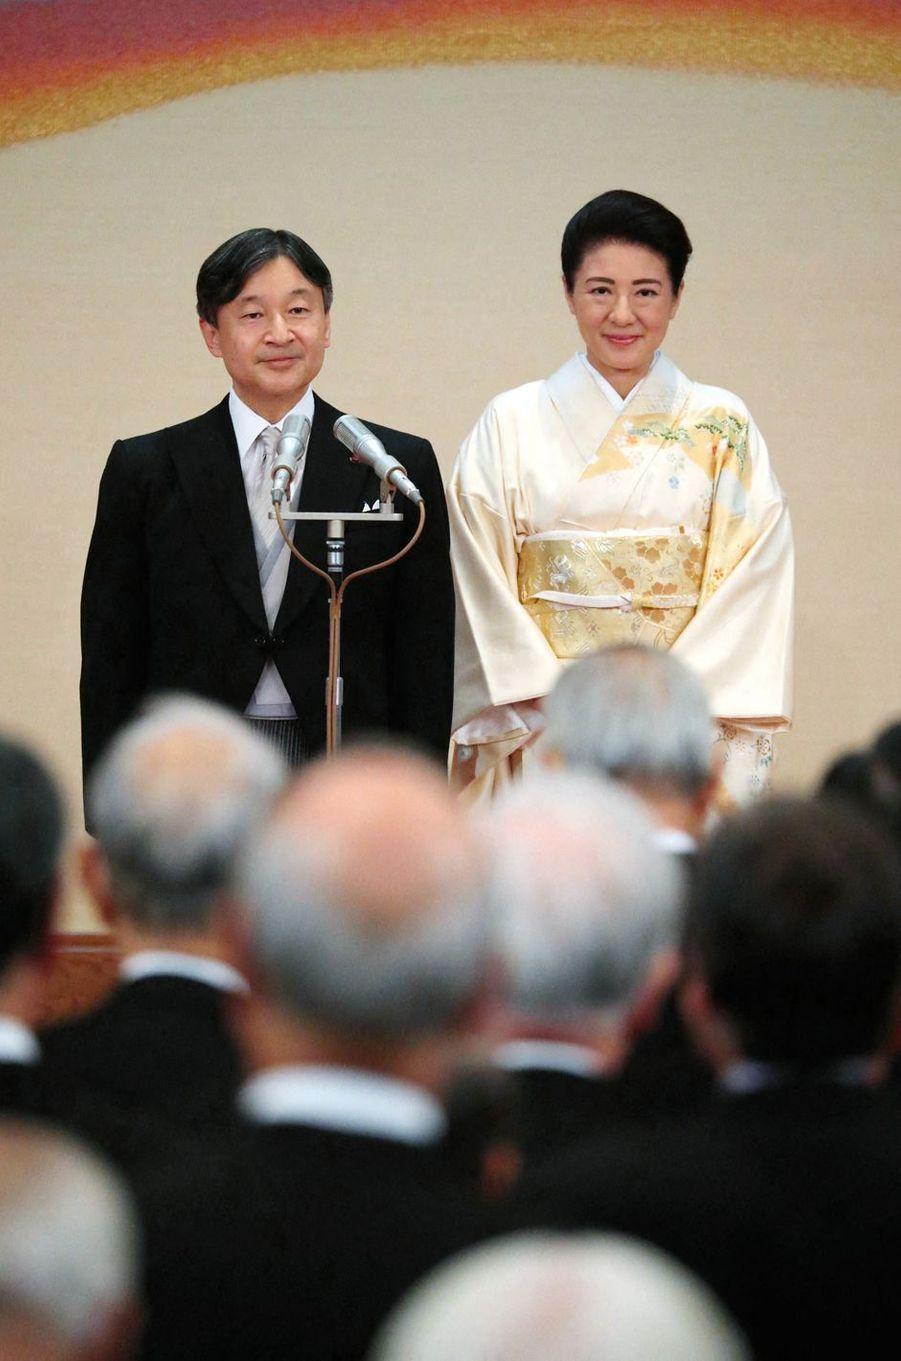 L'impératrice Masako et l'empereur Naruhito du Japon au Palais impérial à Tokyo, le 31 octobre 2019